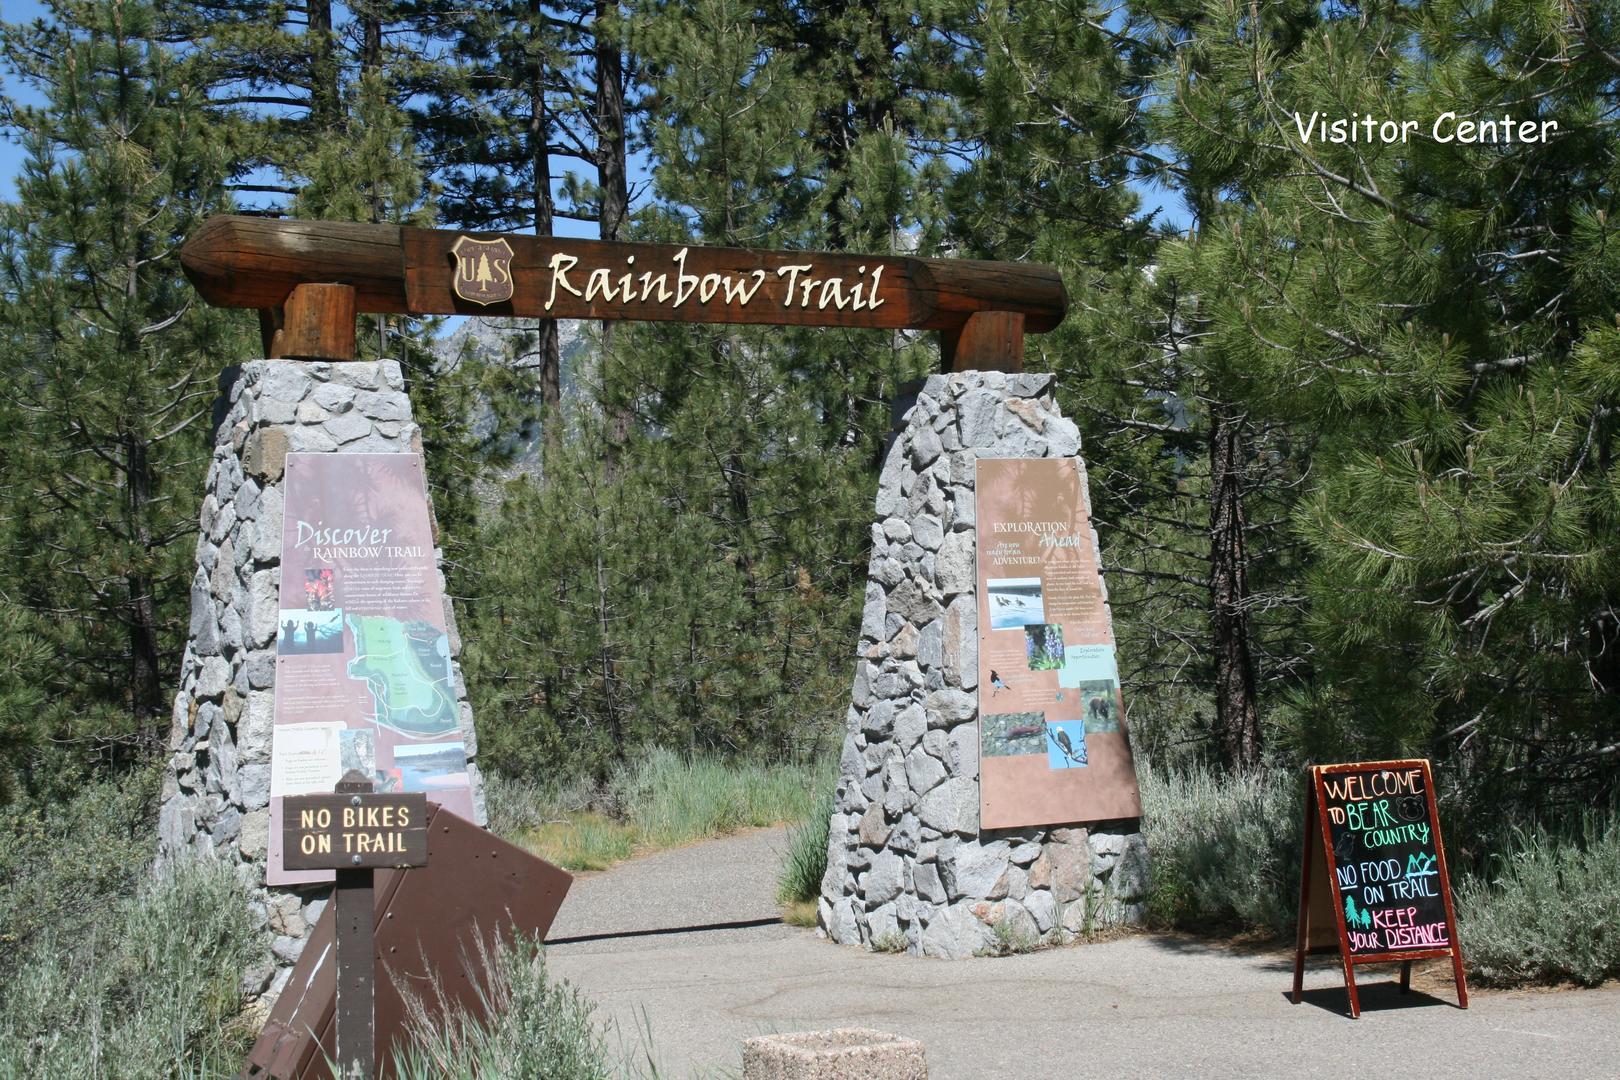 hcc0674 lake tahoe visitor center